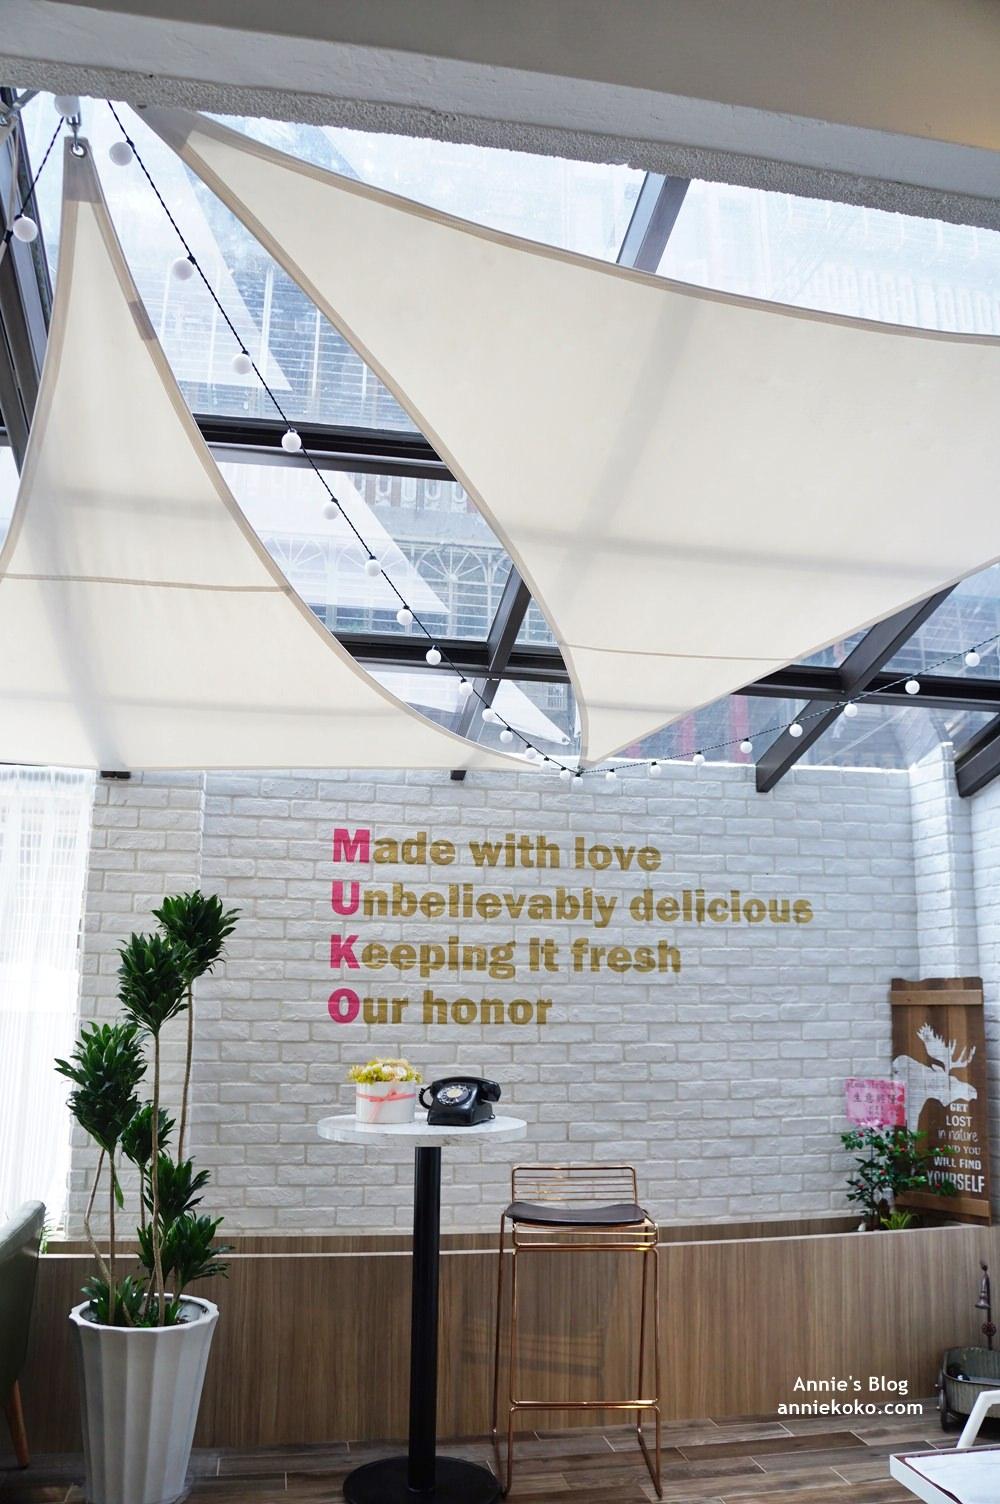 20180920171412 97 - [MukoBrunch] 大安區早午餐 光影與柔軟的法式吐司邂逅 一切都很美好的空間 東門站美食